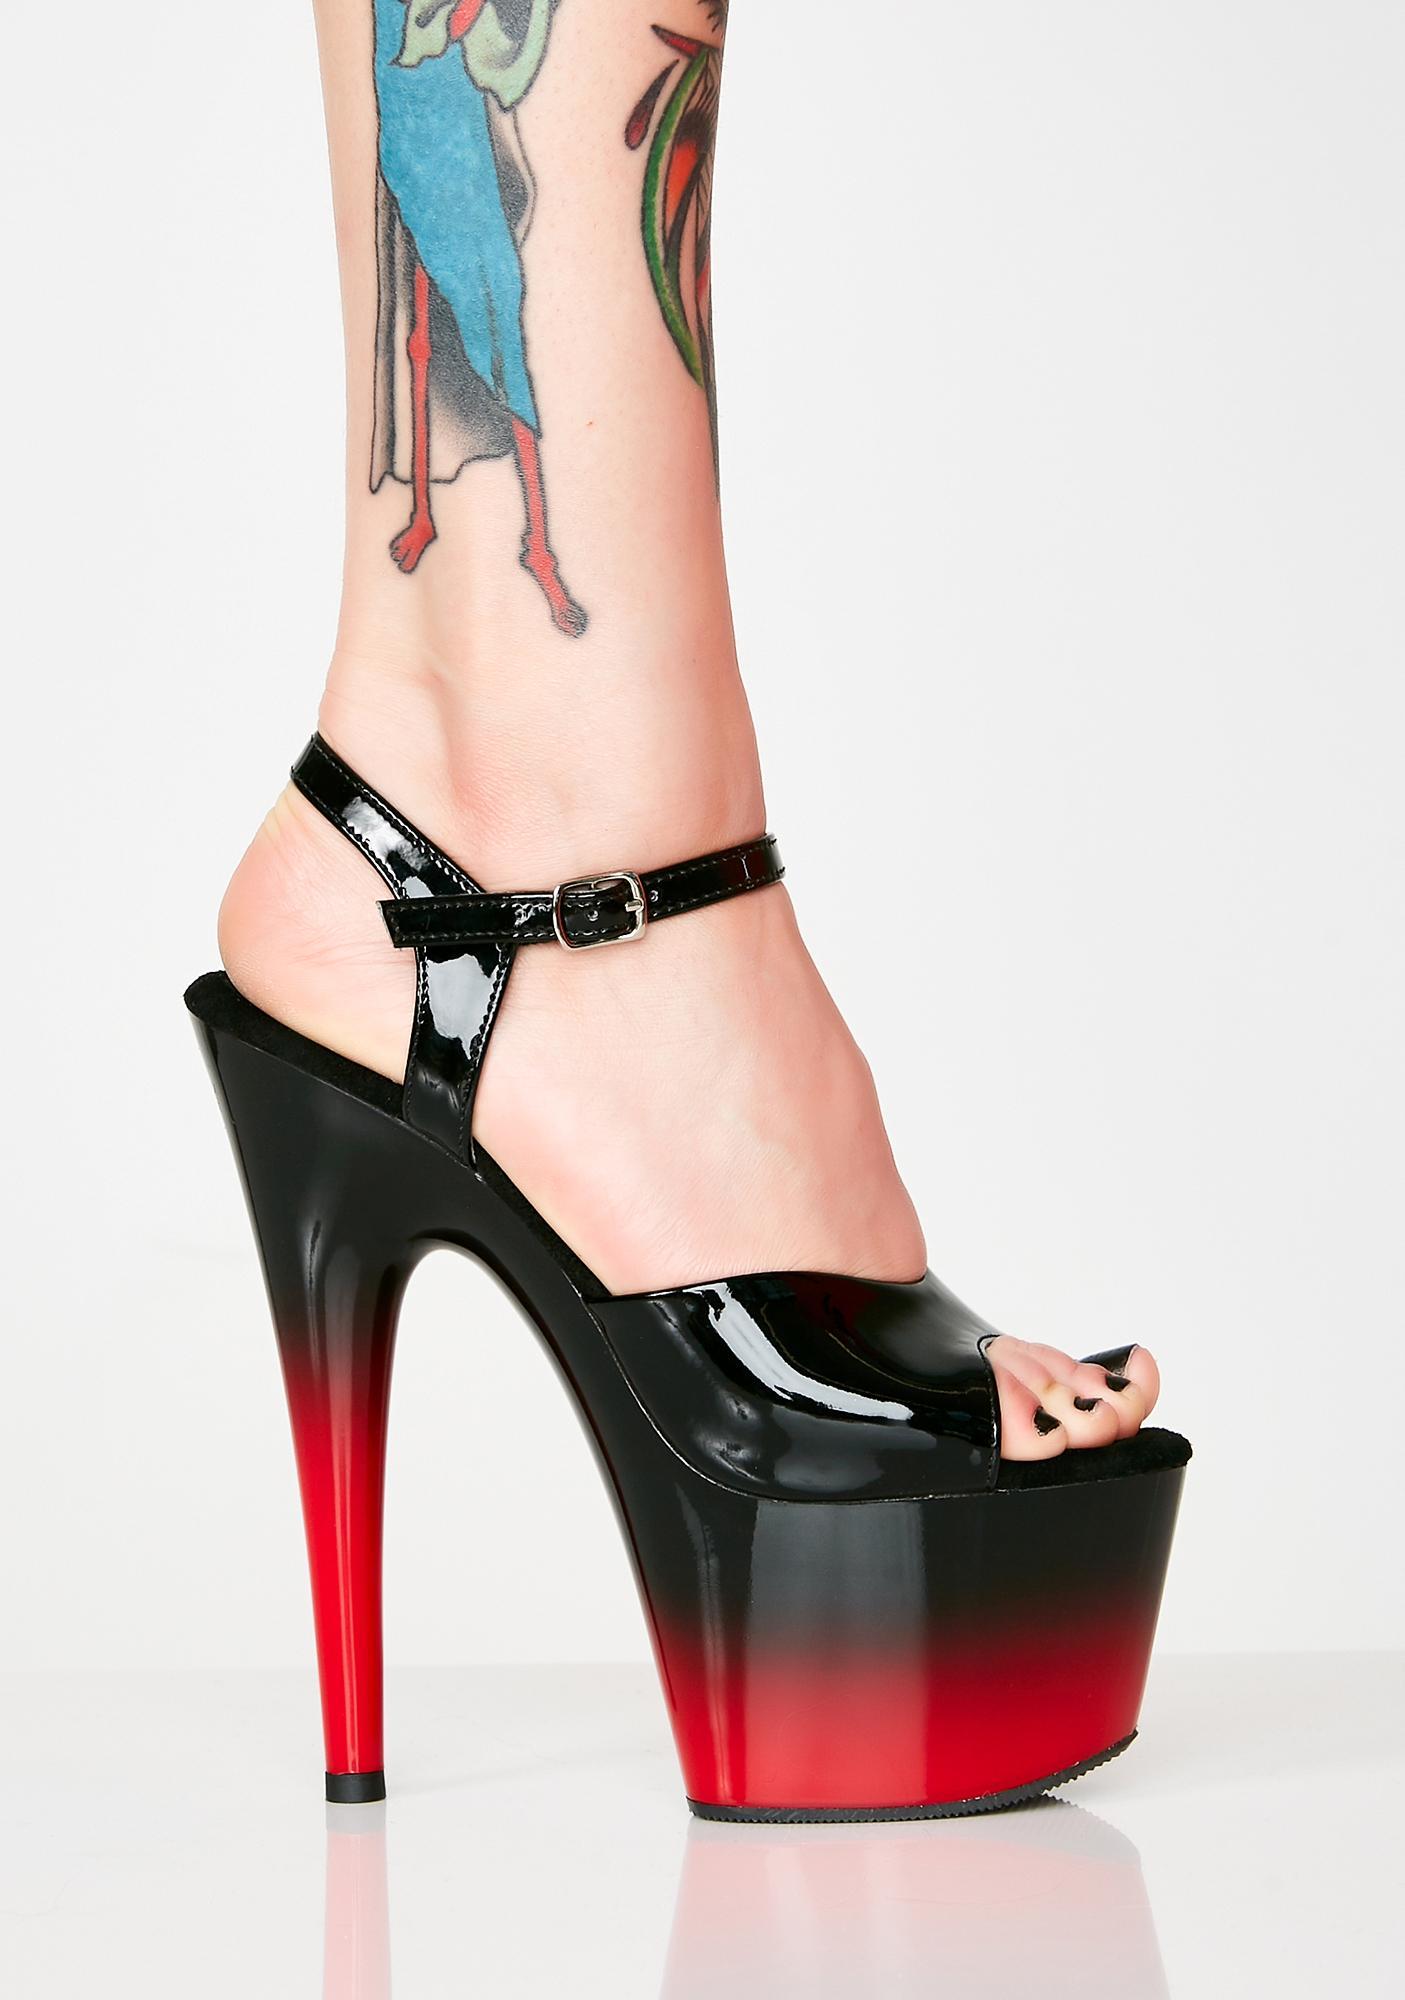 Pleaser Kat Stacks Adore Platform Heels